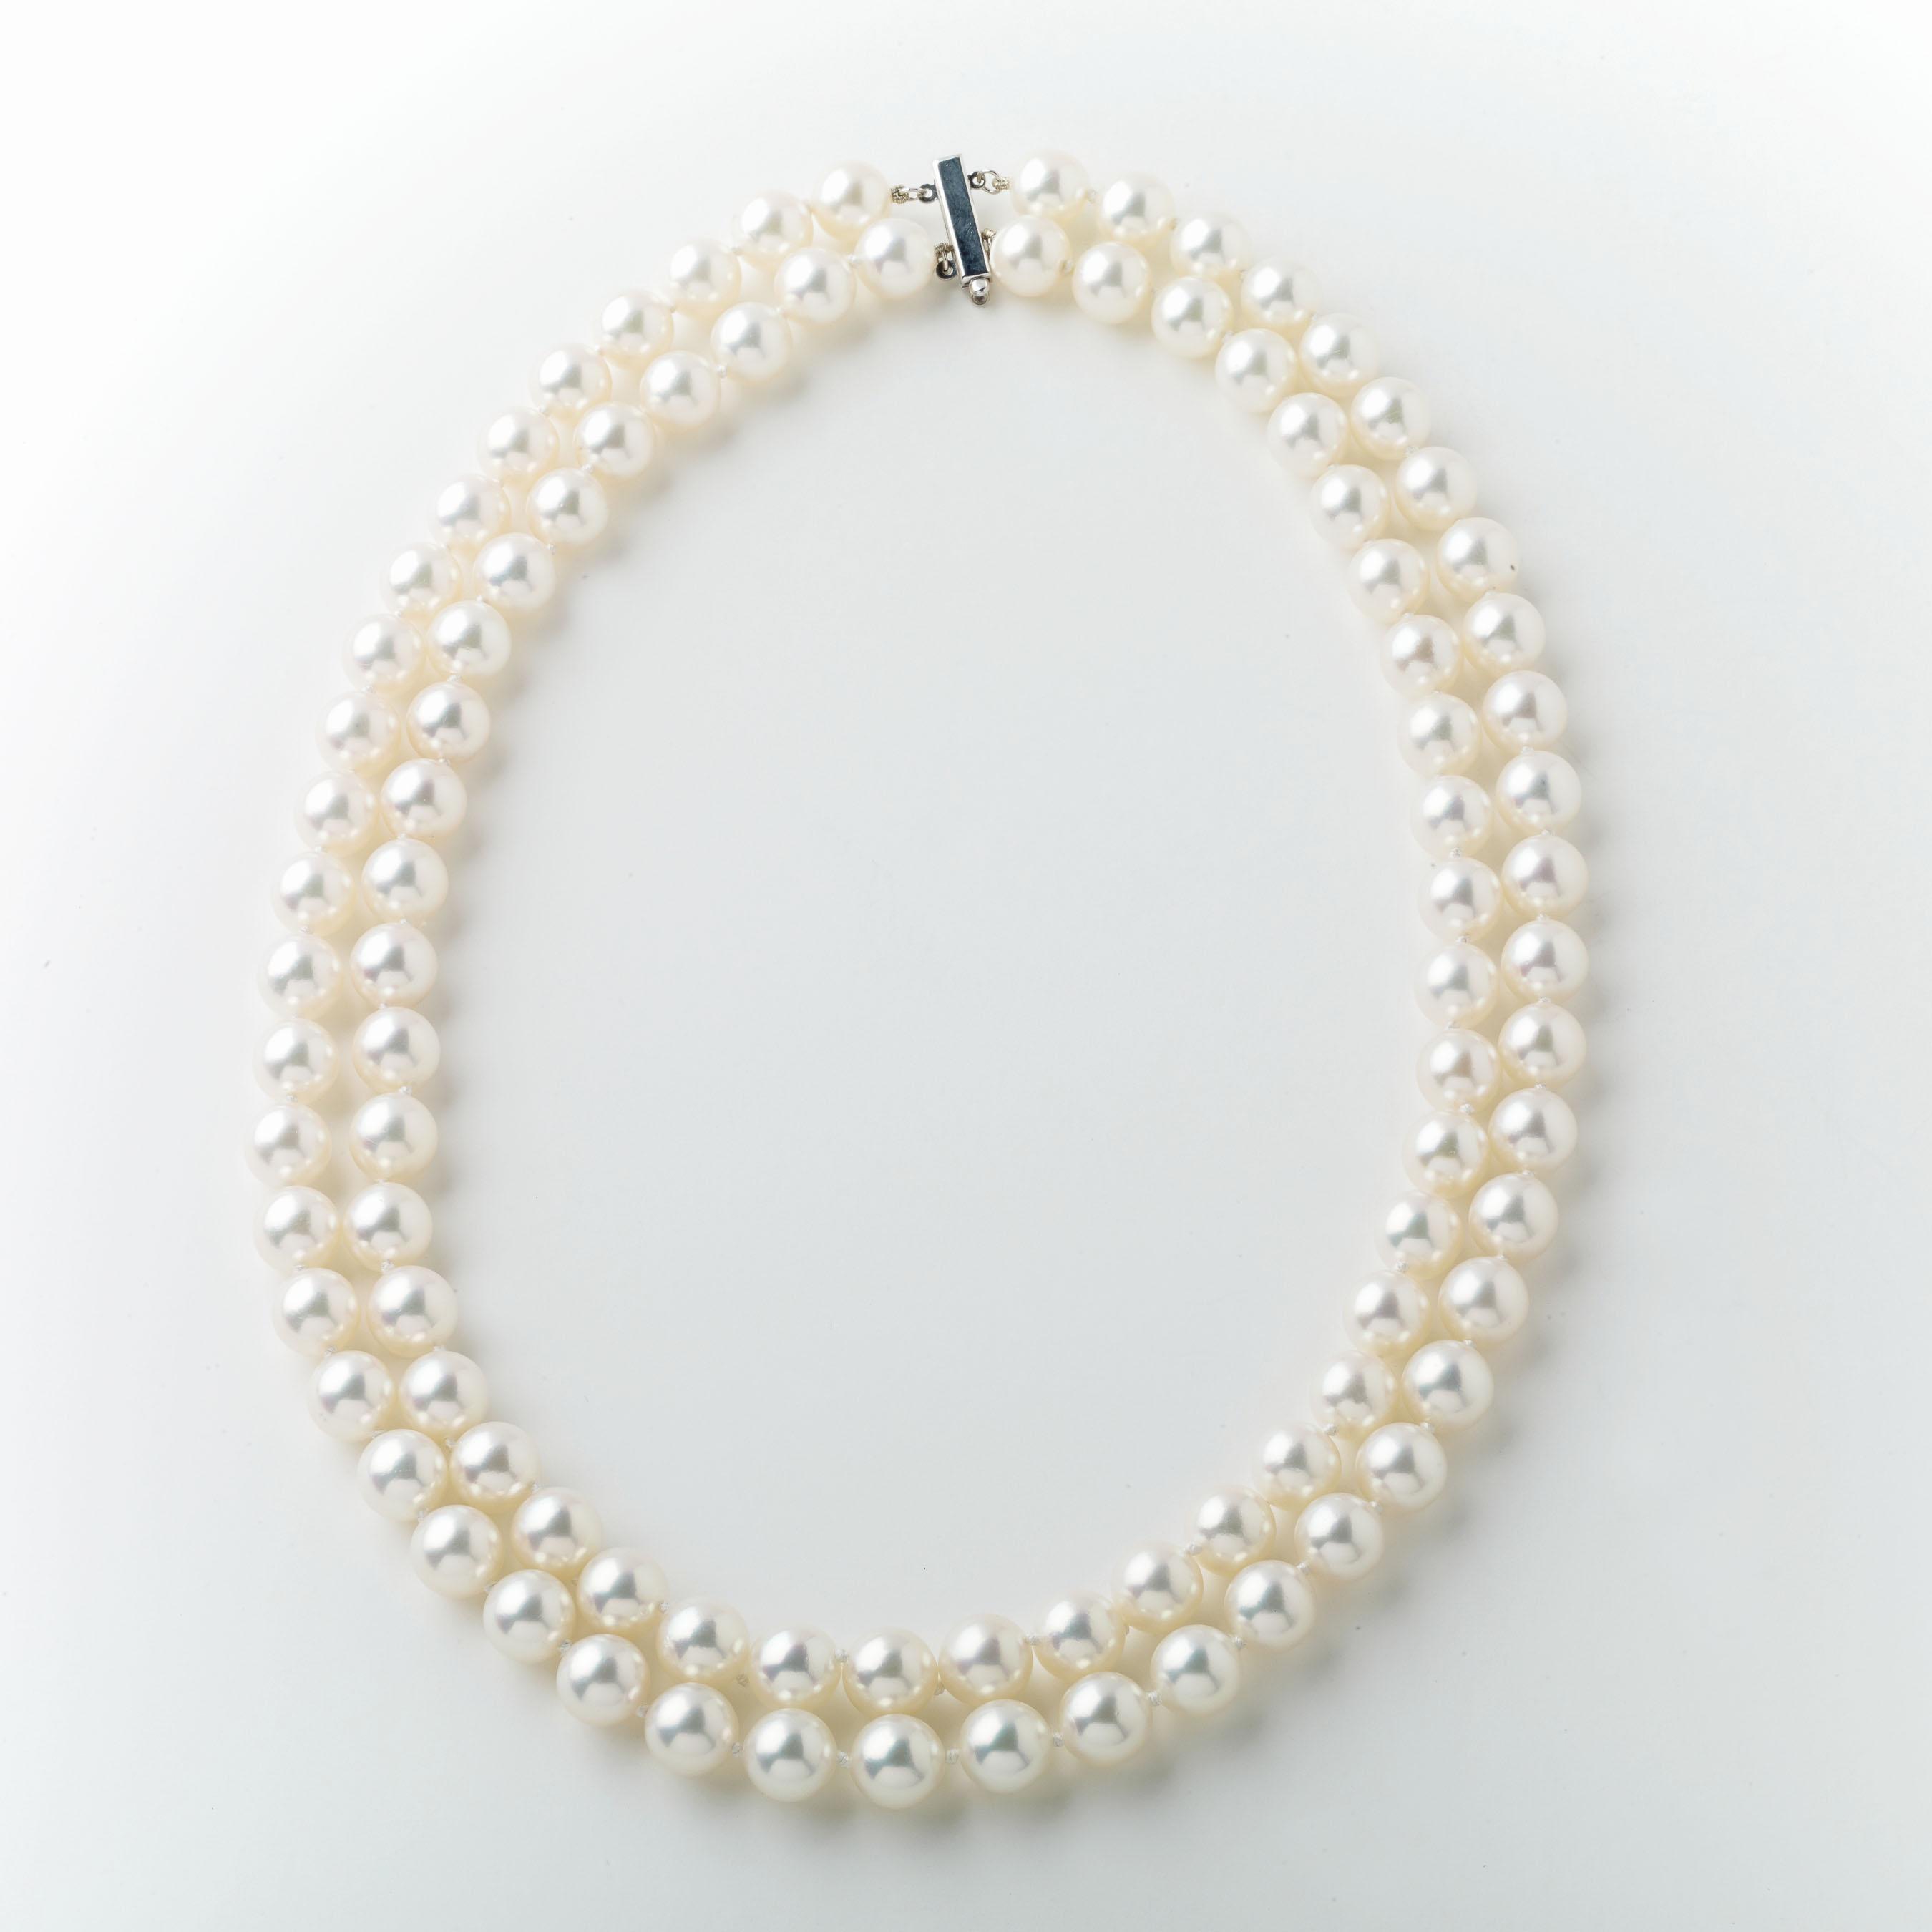 9d14676c7ab04f Double Strand Pearl Necklace - Elizabeth Bruns, Inc.